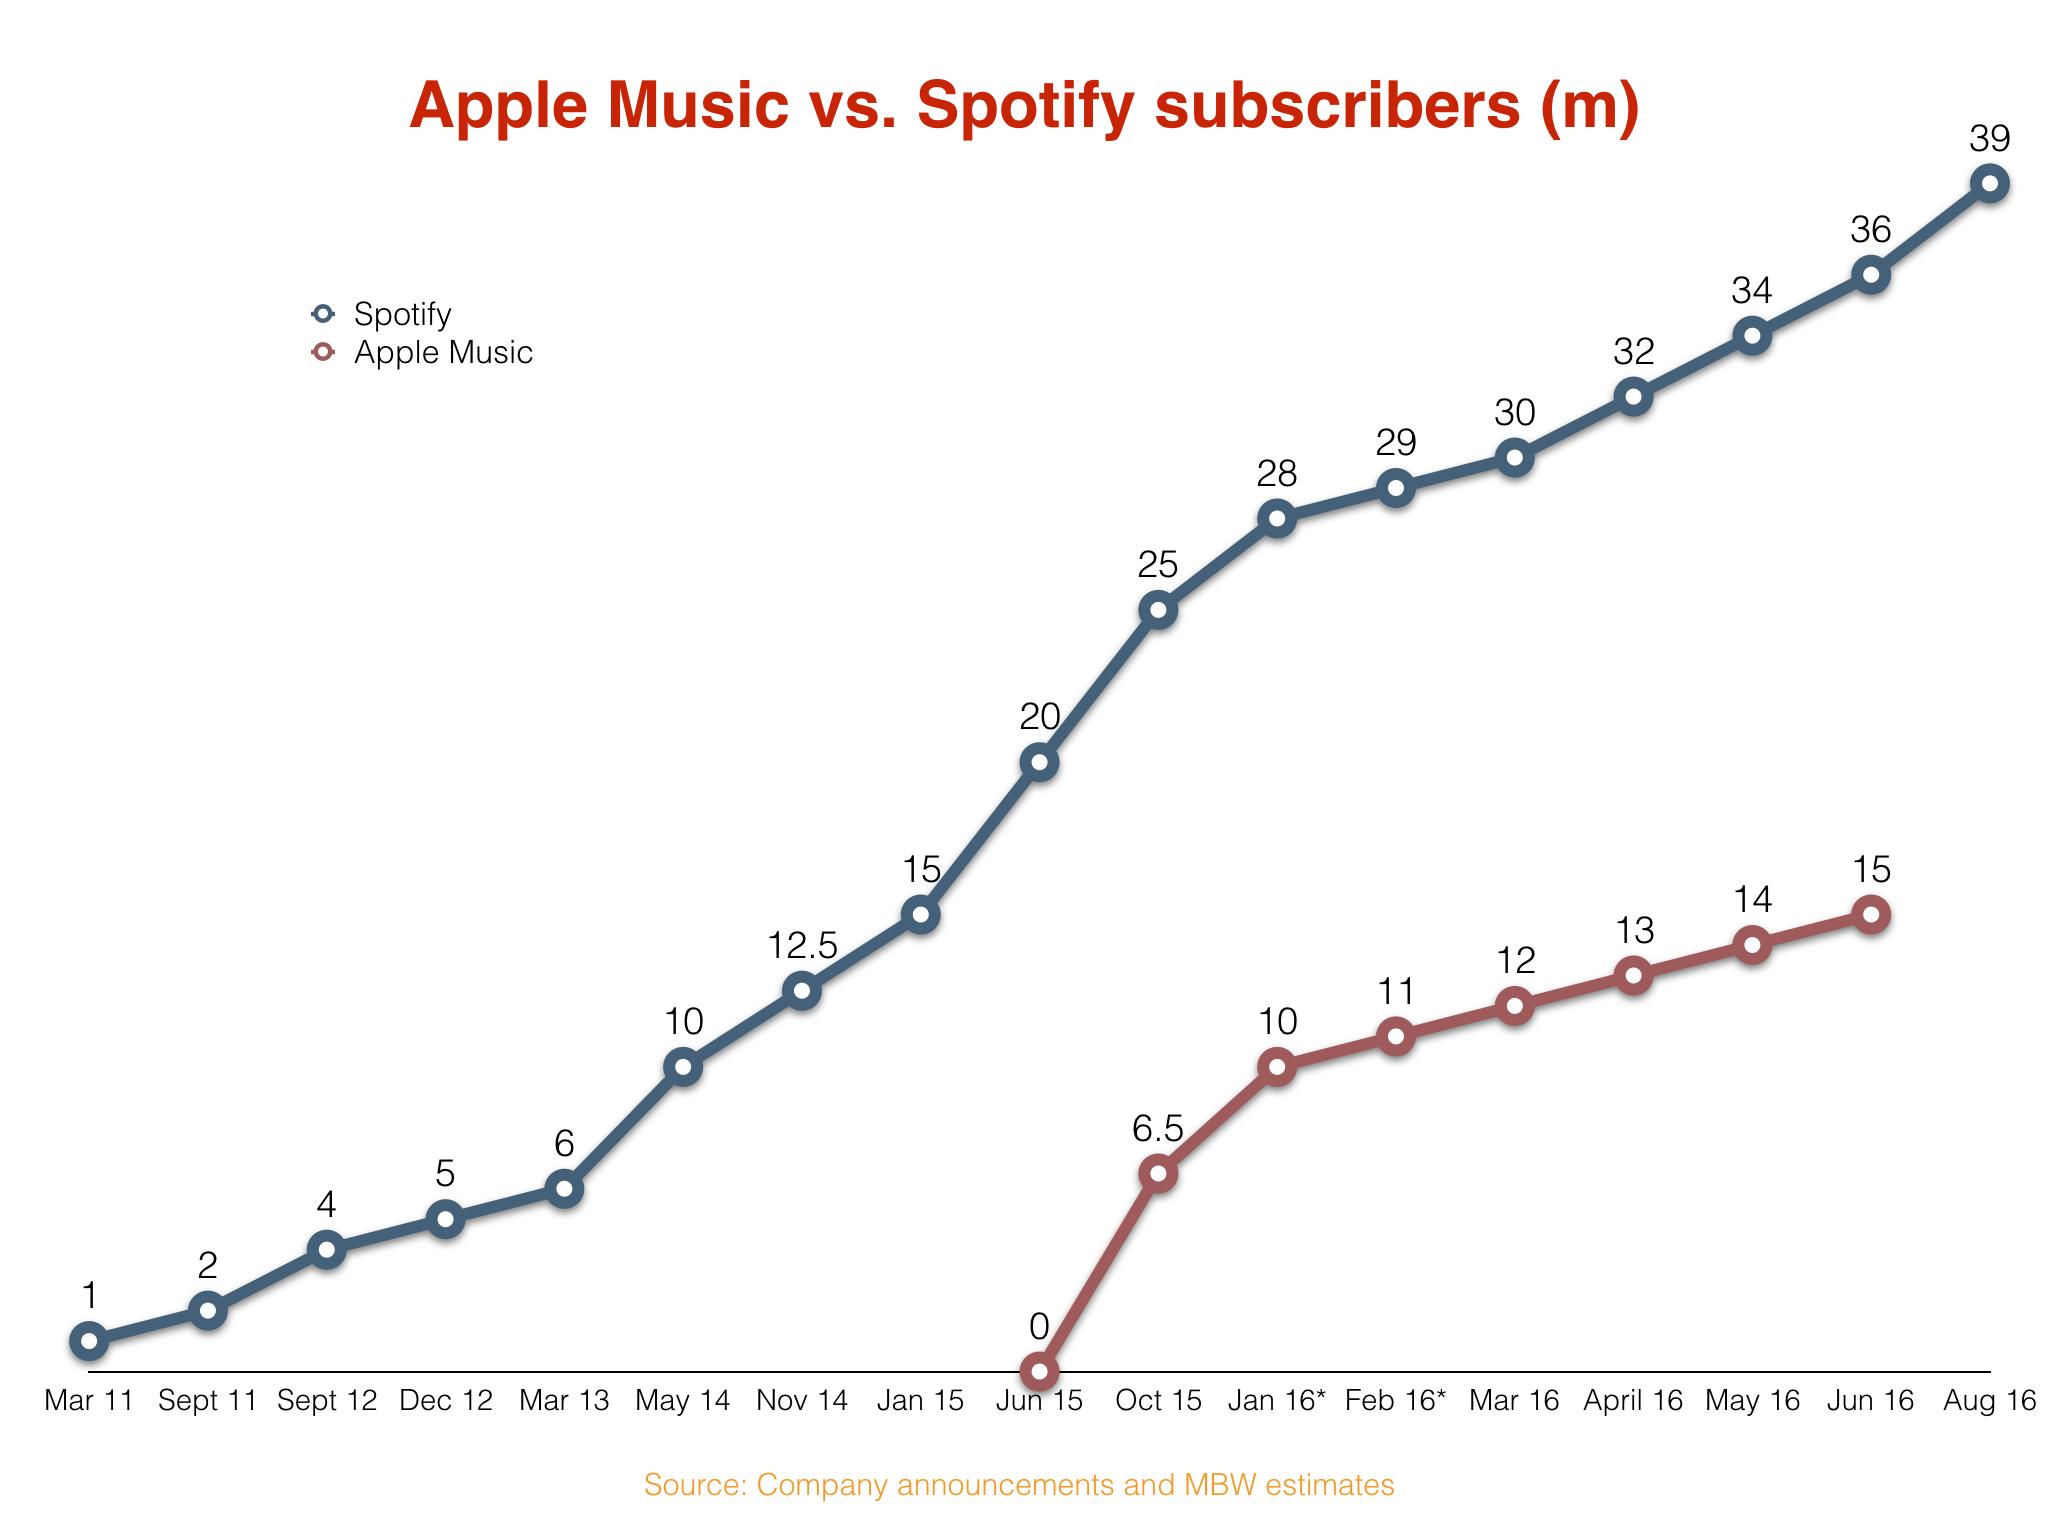 SpotifyvsApple